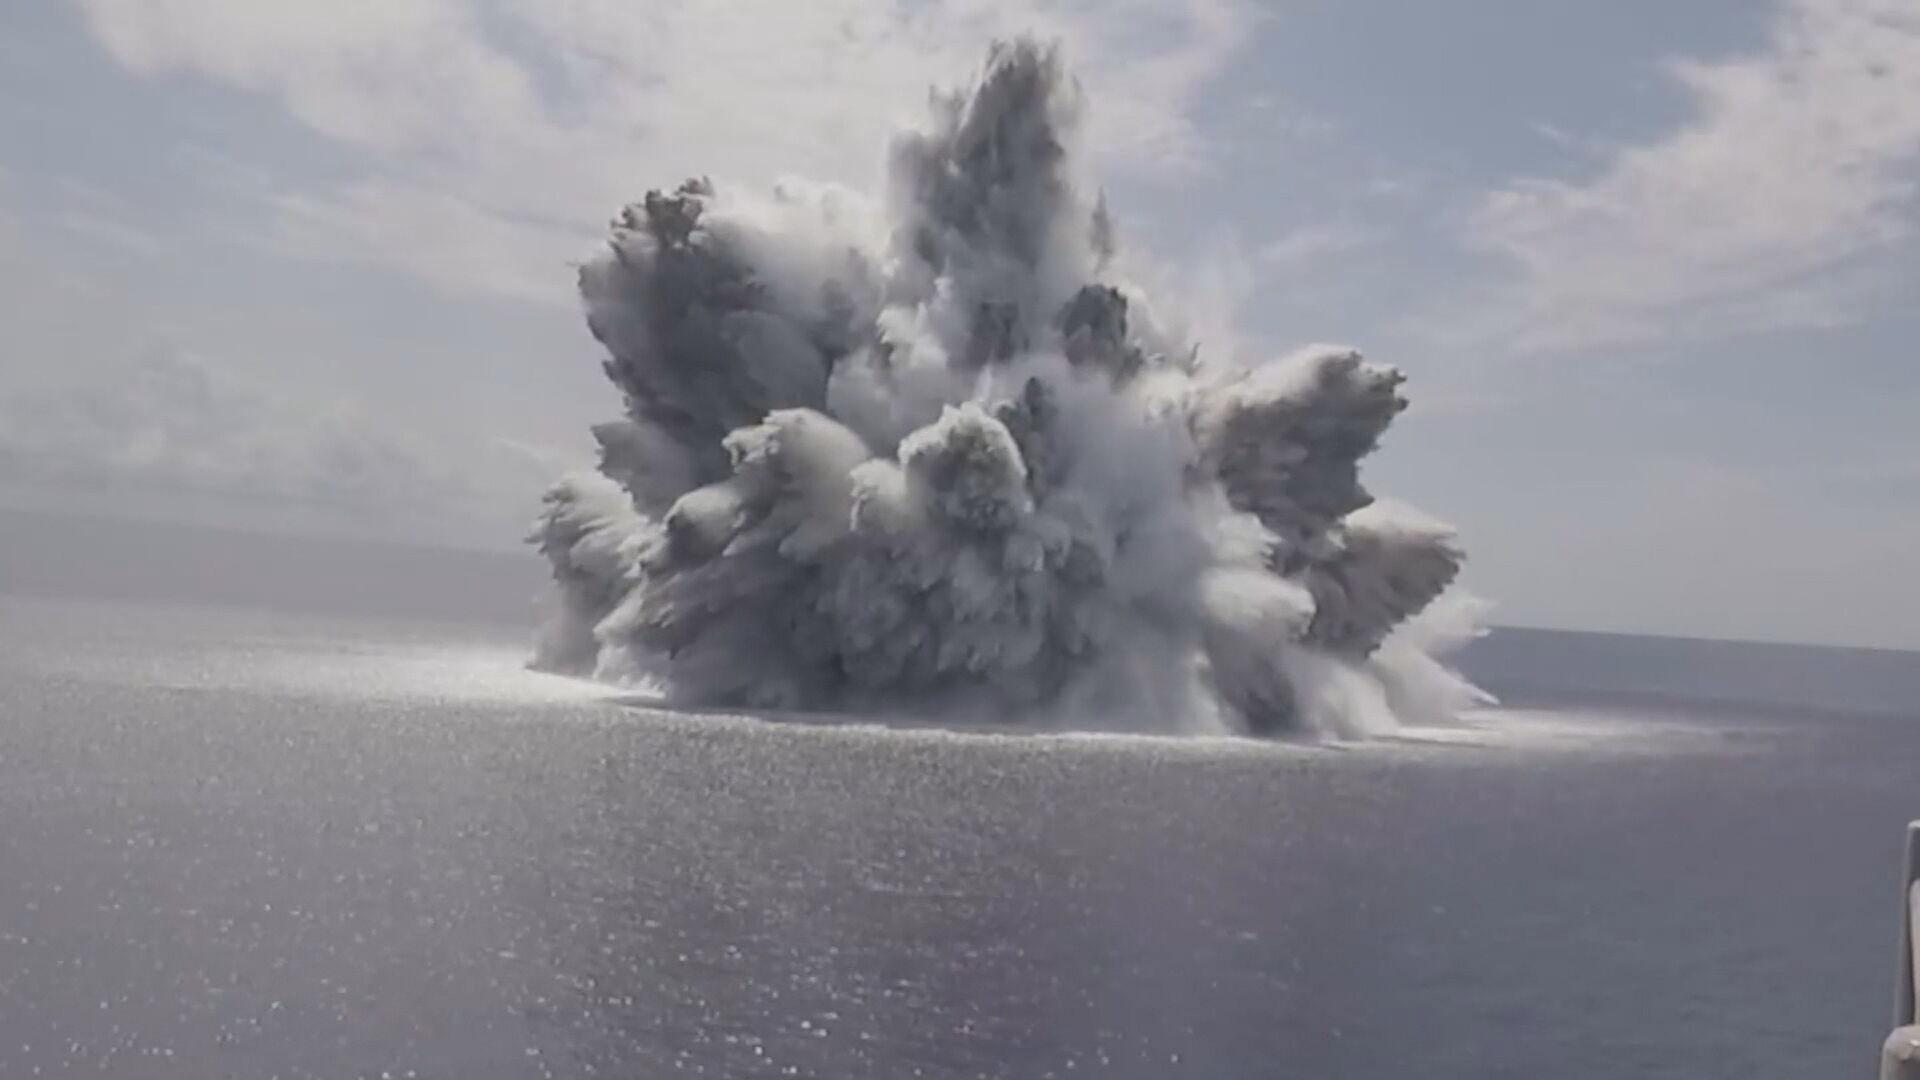 Marinha dos Estados Unidos fez teste para avaliar resistência de porta-aviões